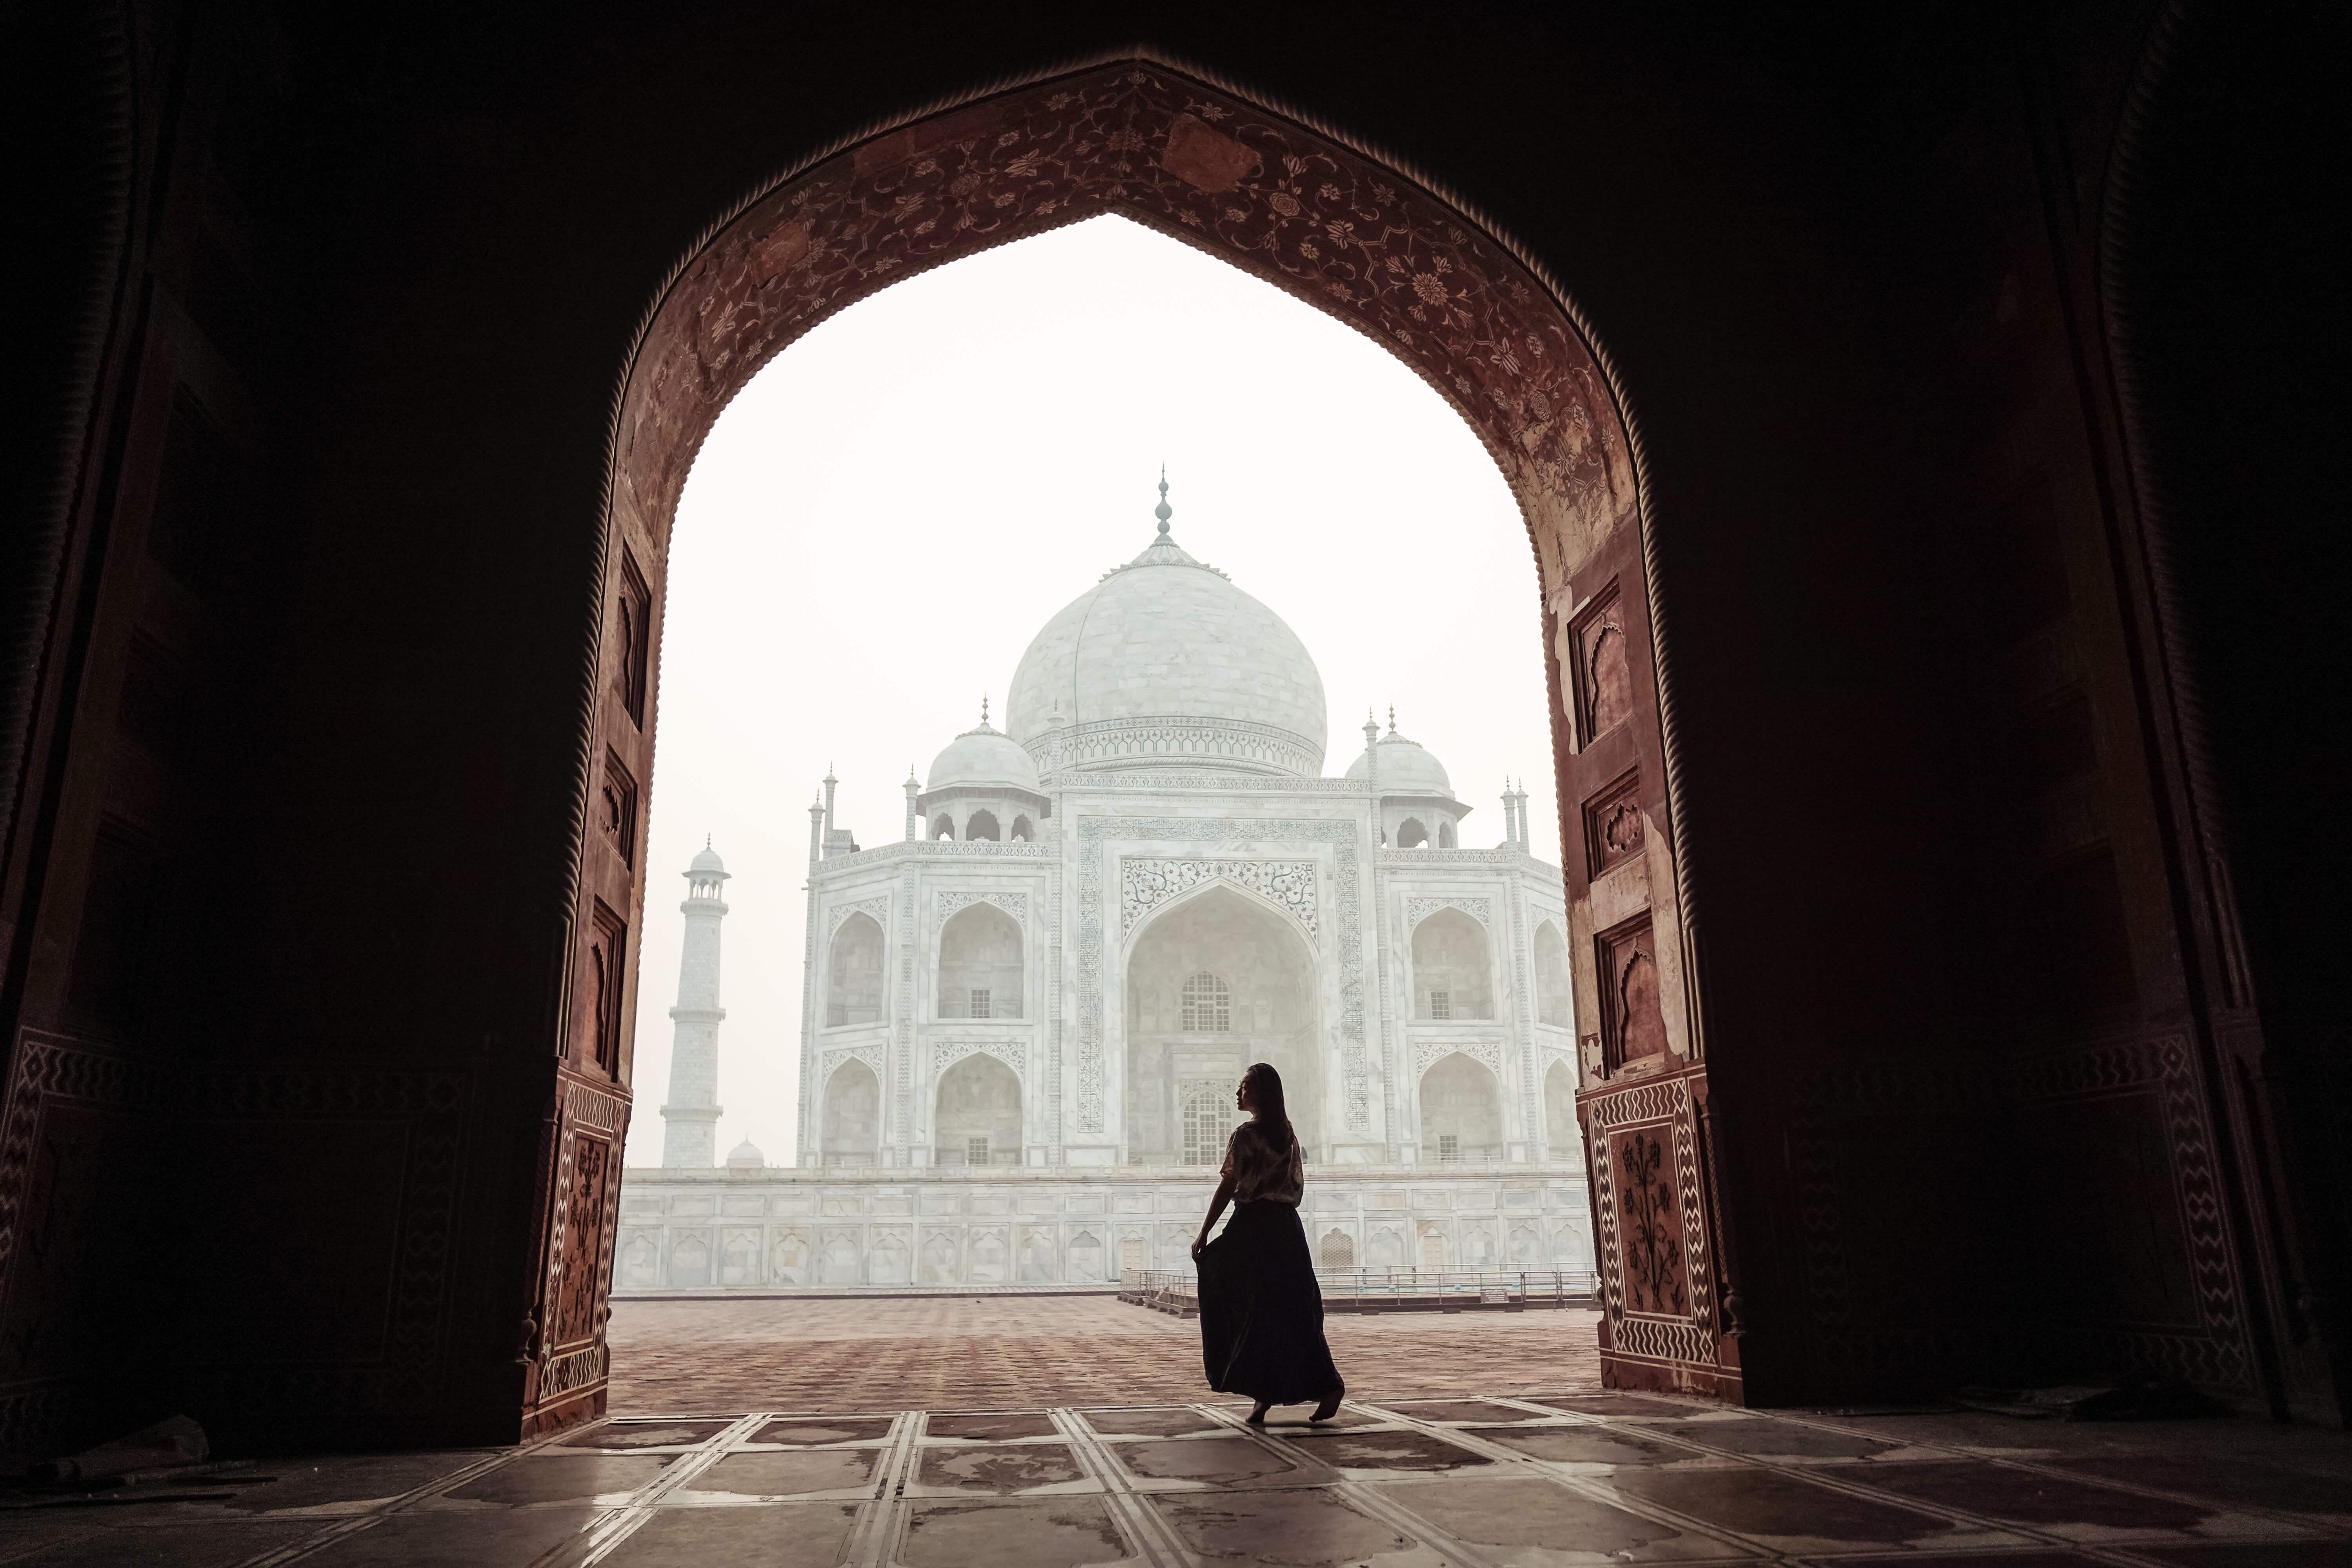 Beat the dawn at the Taj Mahal.